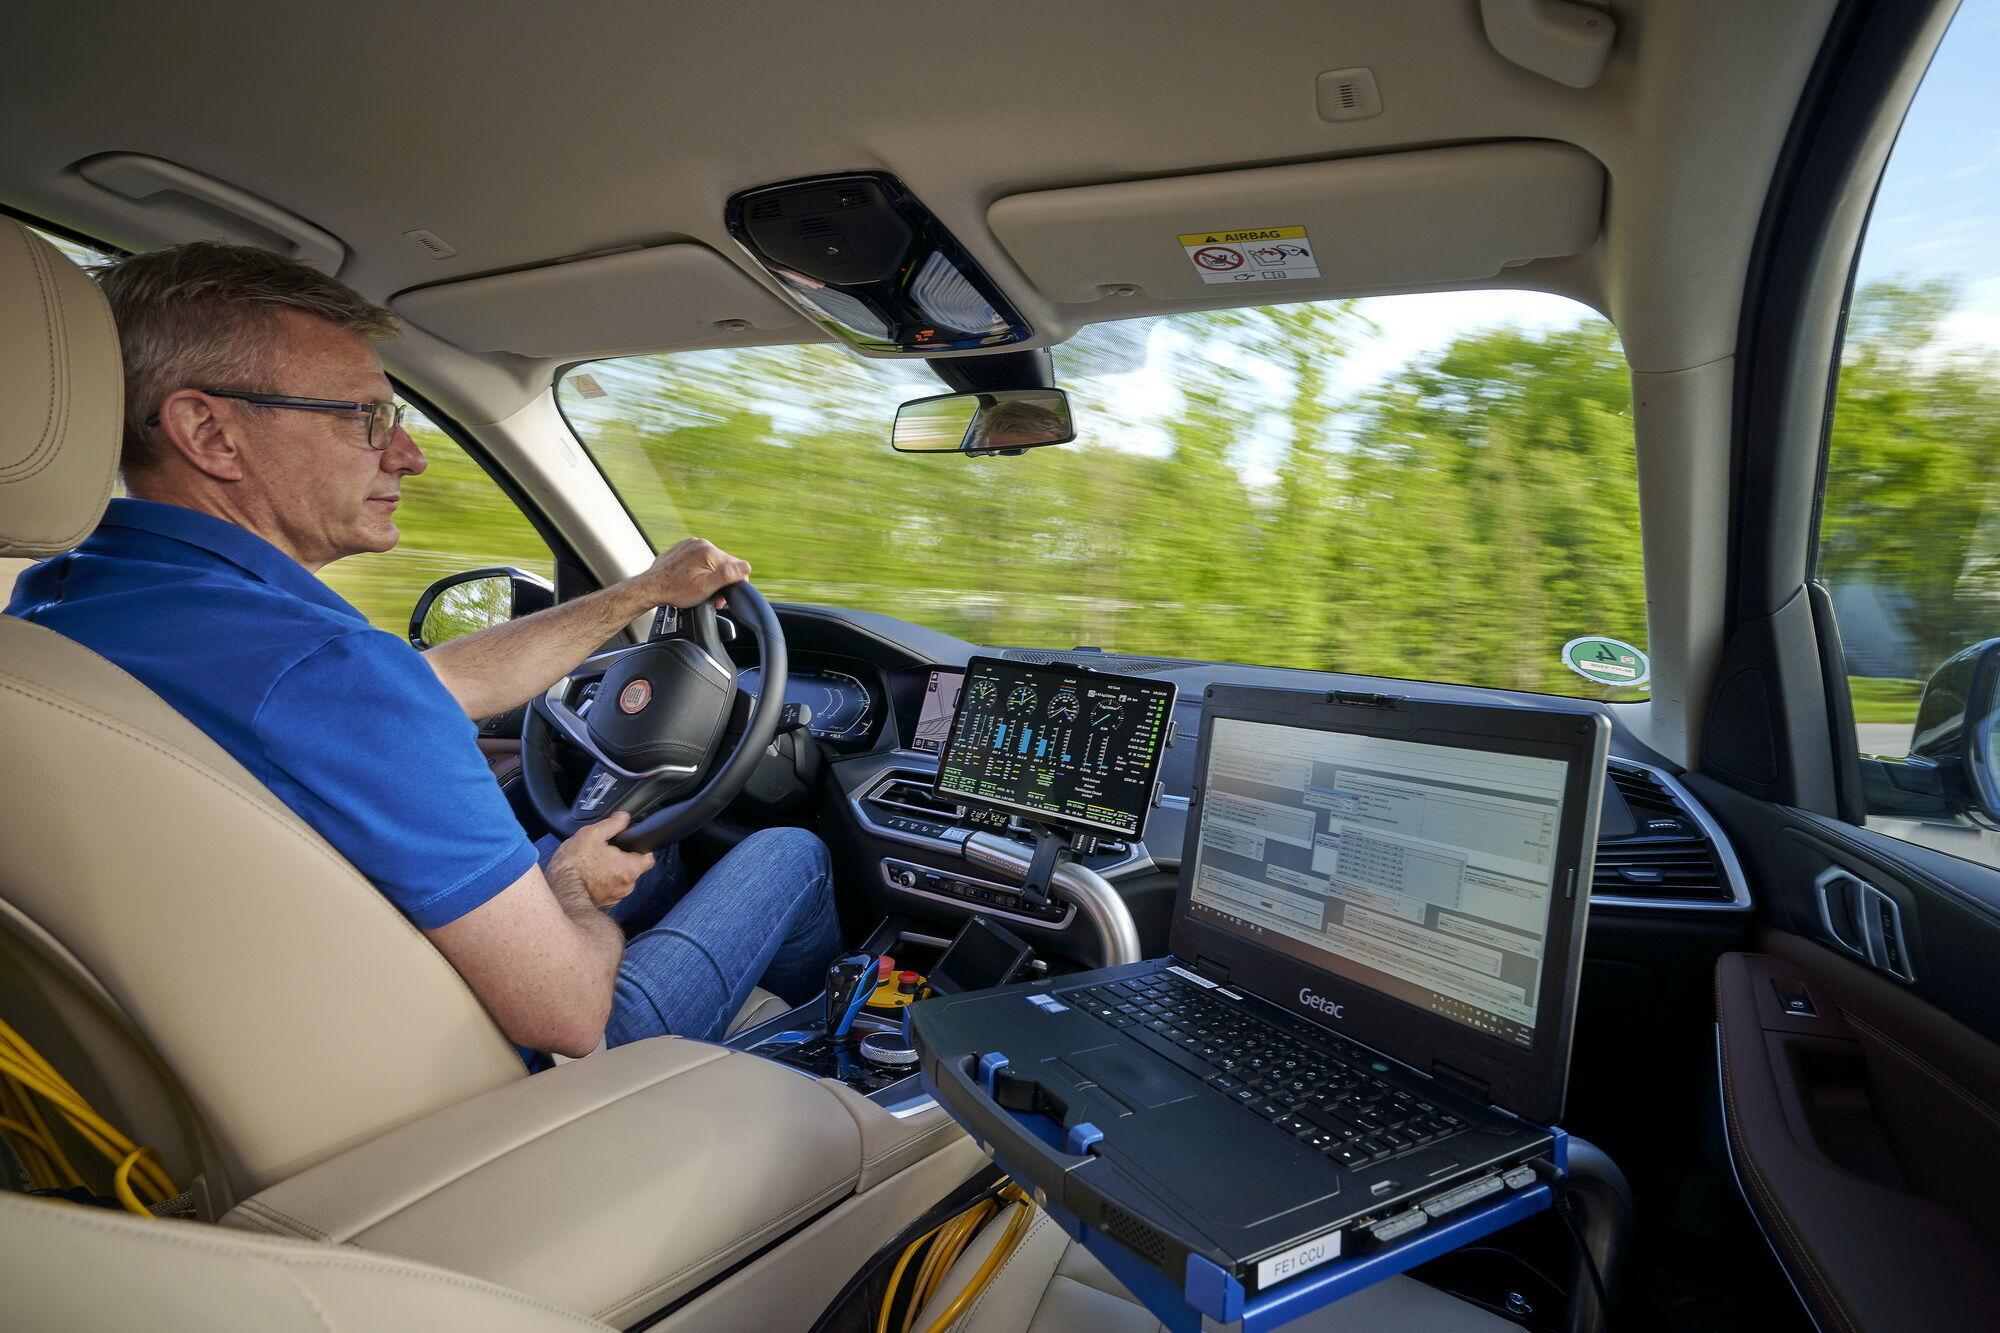 Дорожные тесты кроссовера дадут возможность получить практический опыт использование технологии Fuel Cell